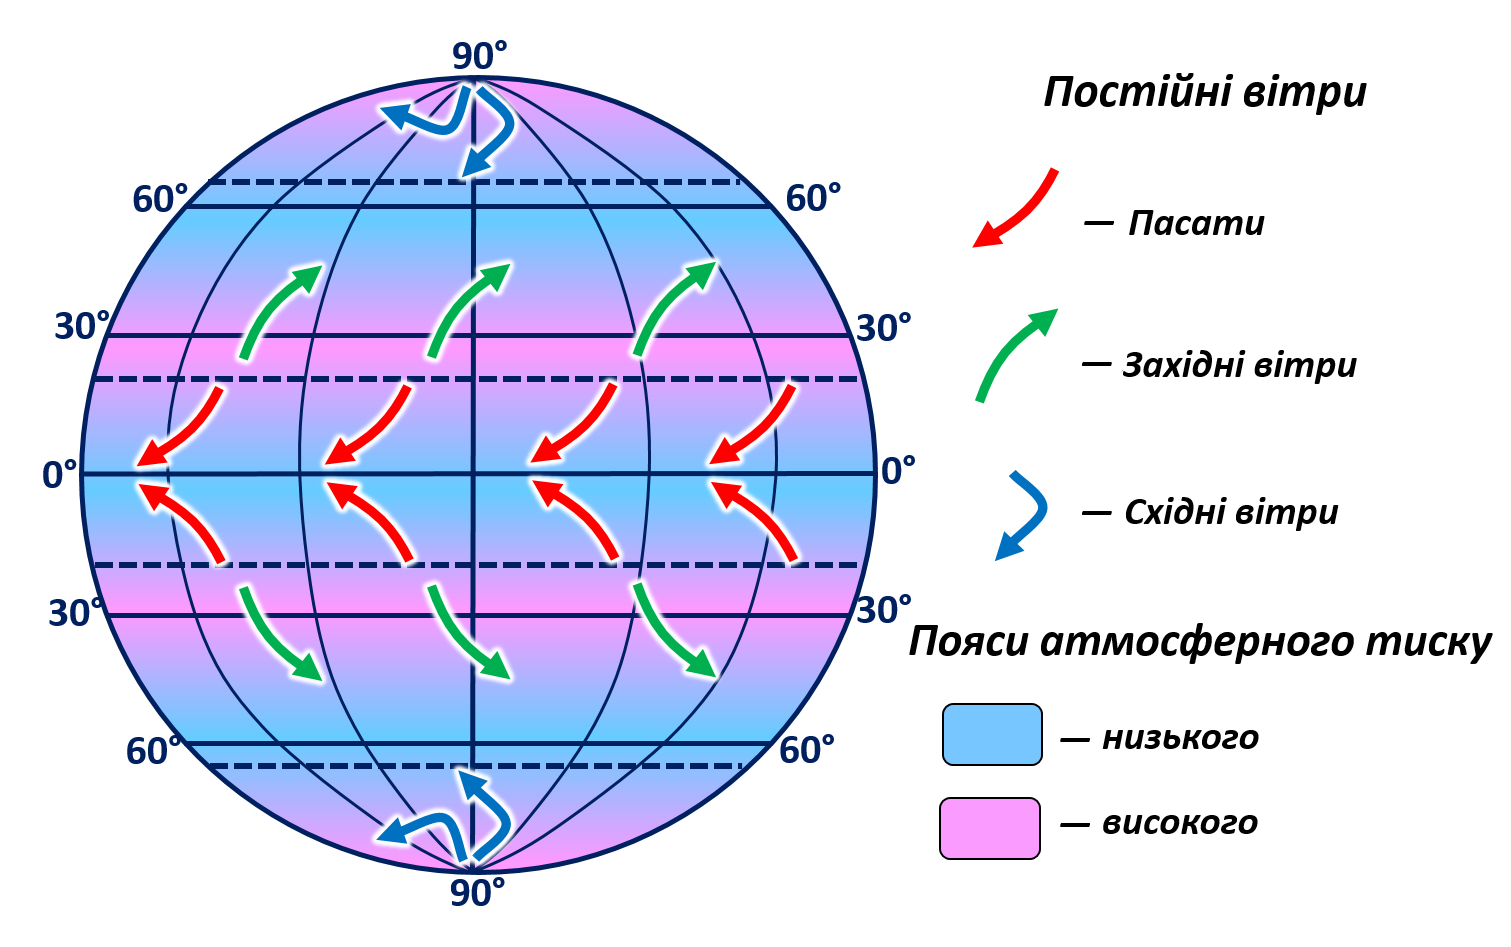 Мапа пасатів